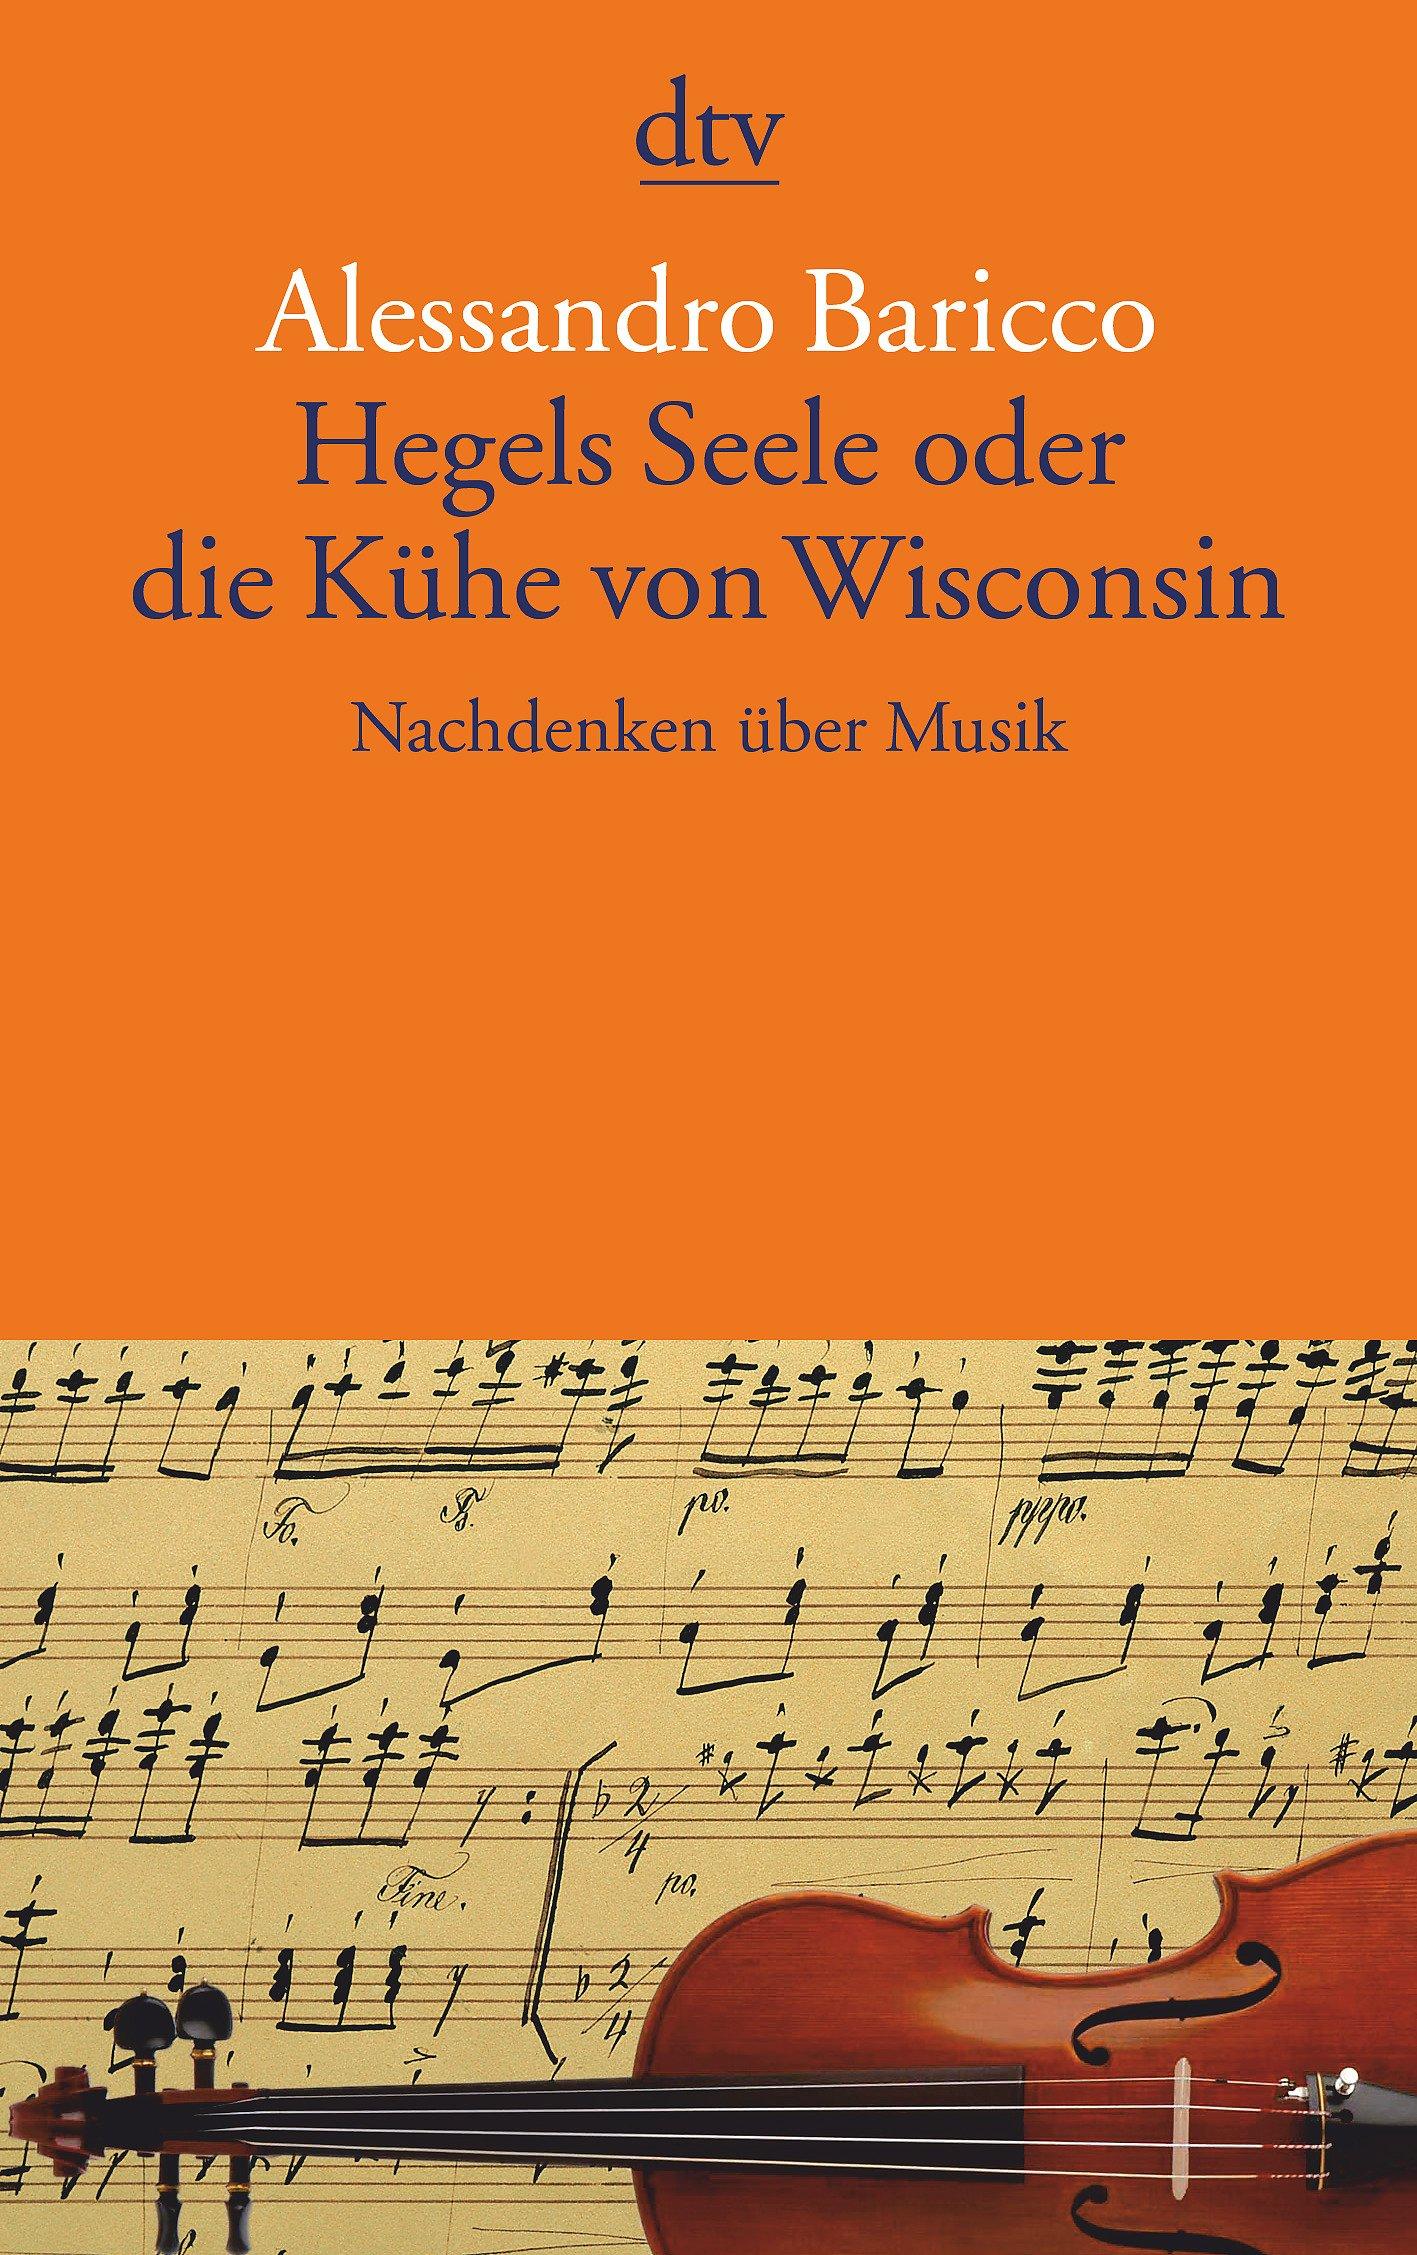 Hegels Seele oder die Kühe von Wisconsin: Nachdenken über Musik (dtv Literatur)